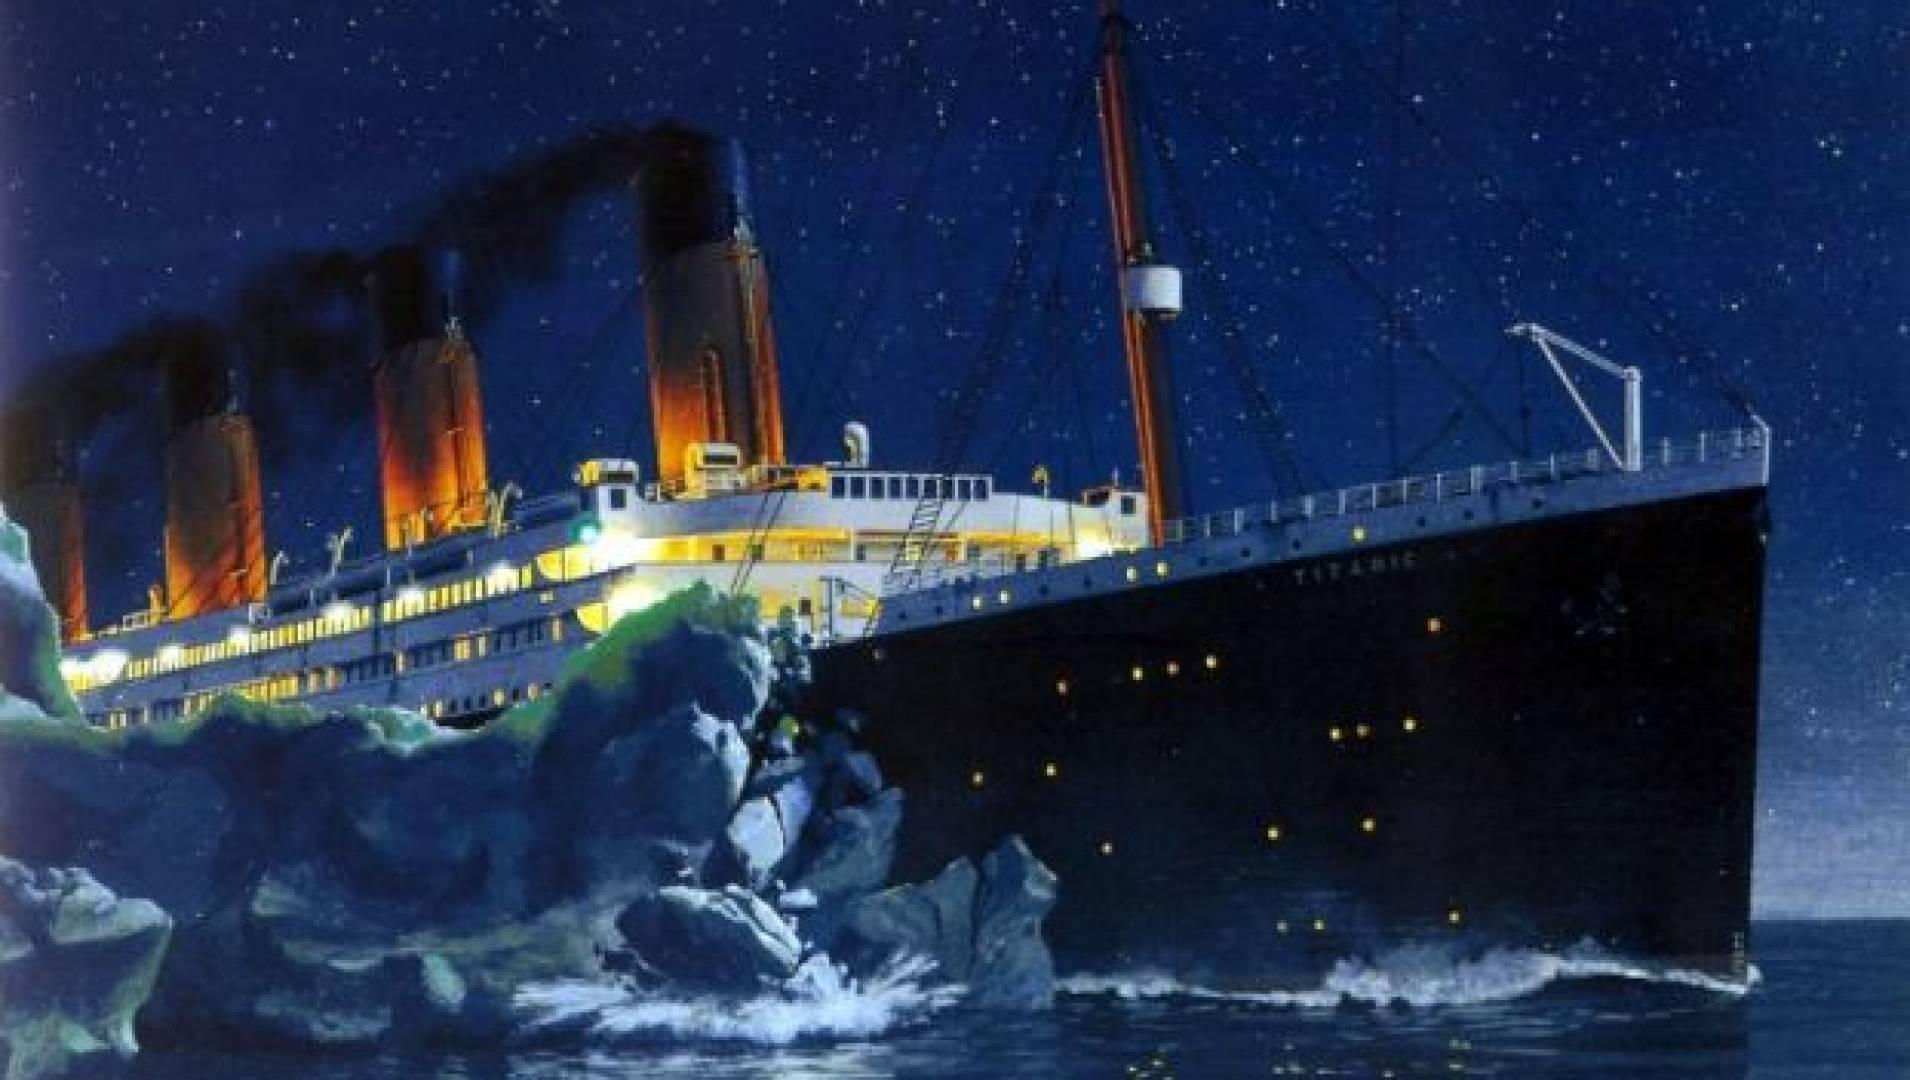 Последняя ночь «Титаника» - Документальный фильм